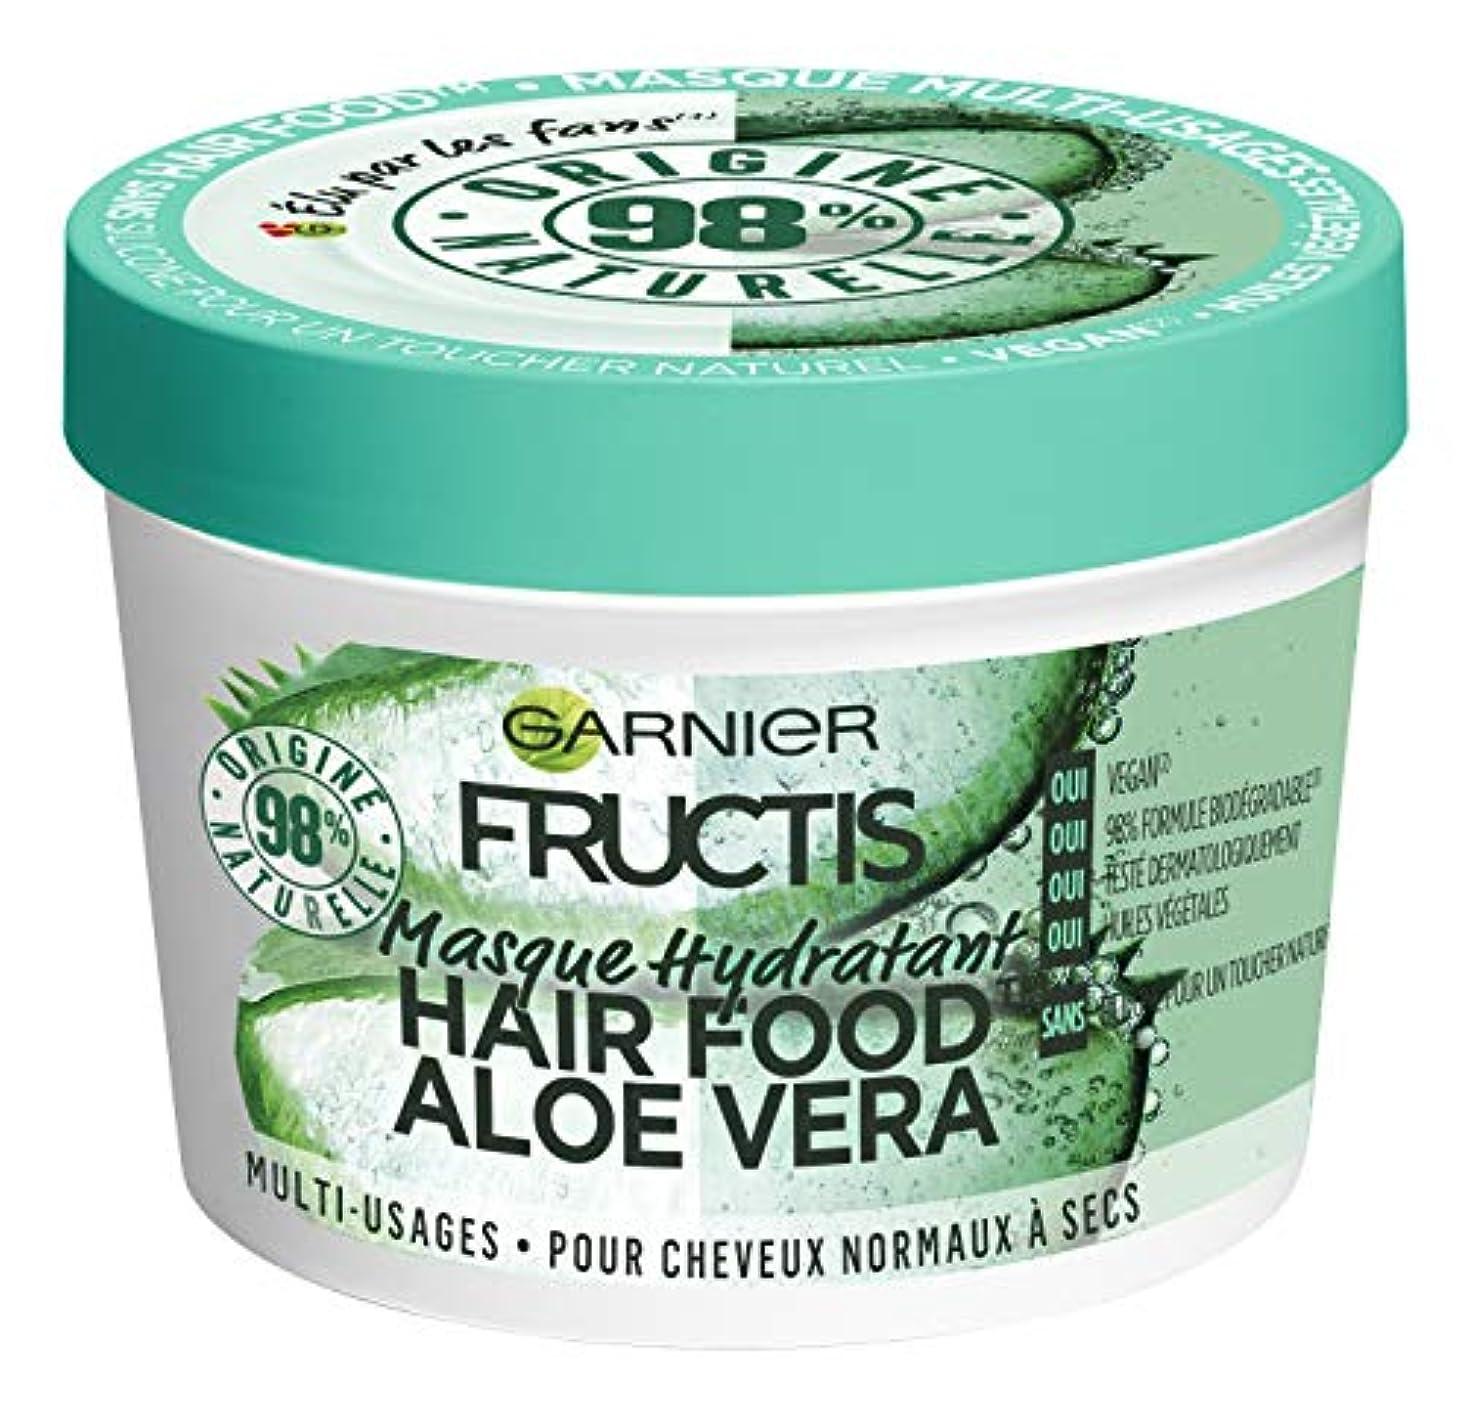 ダイヤルいいねスコアガルニエFructis髪食品アロエ多目的マスク390 ml - 3枚組